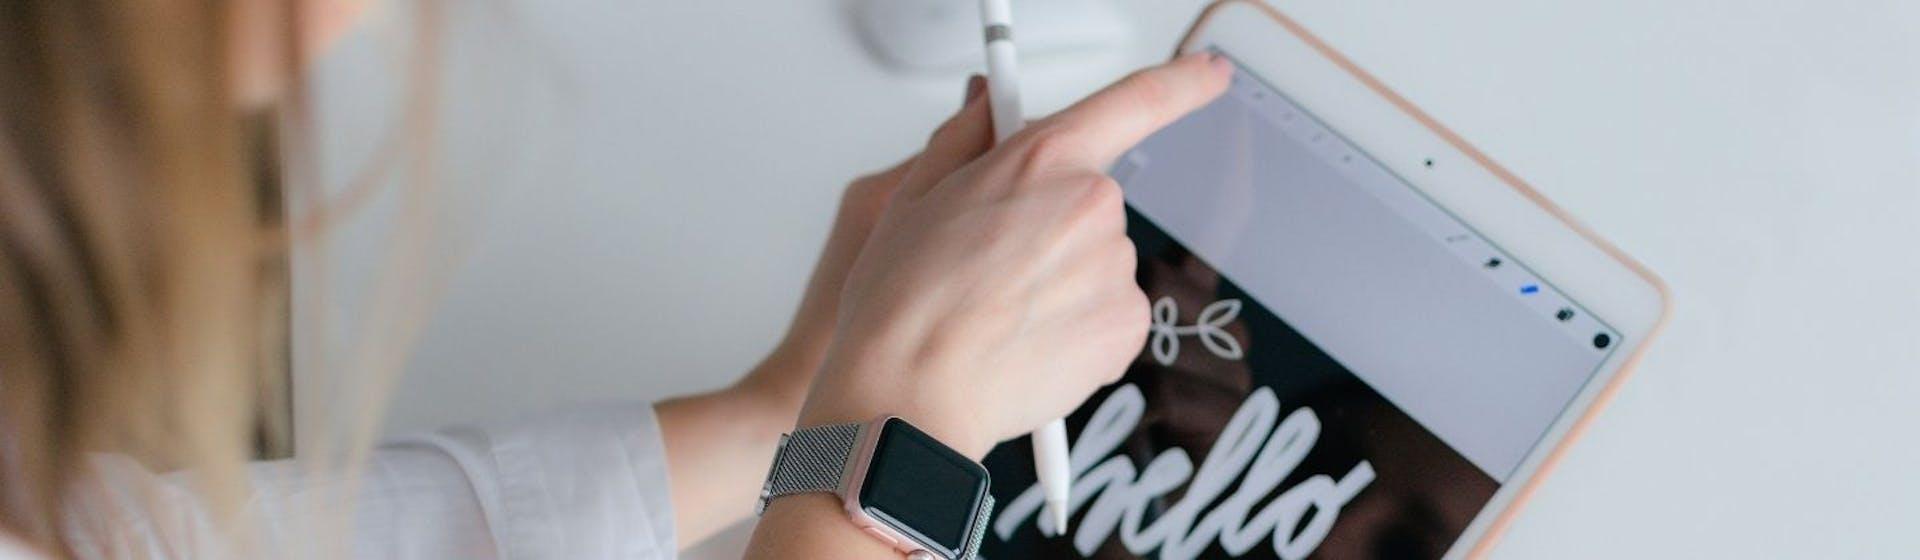 Elige el iPad para dibujar correcto para ti